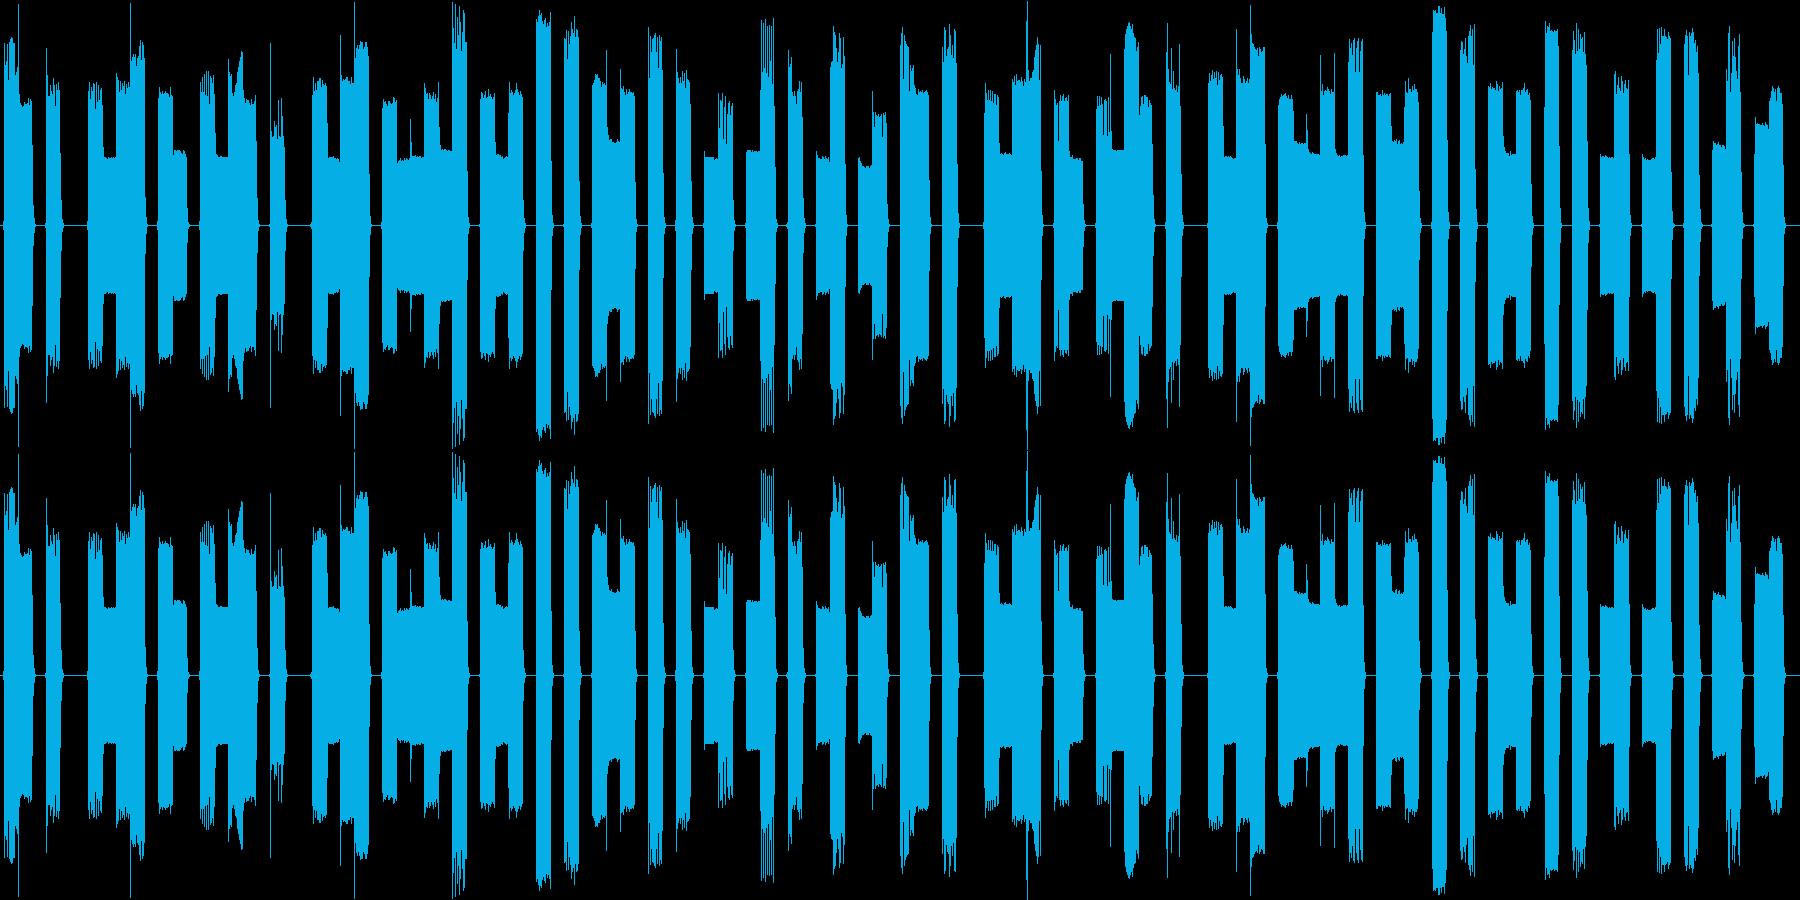 ファミコン風8bitチップチューンの再生済みの波形